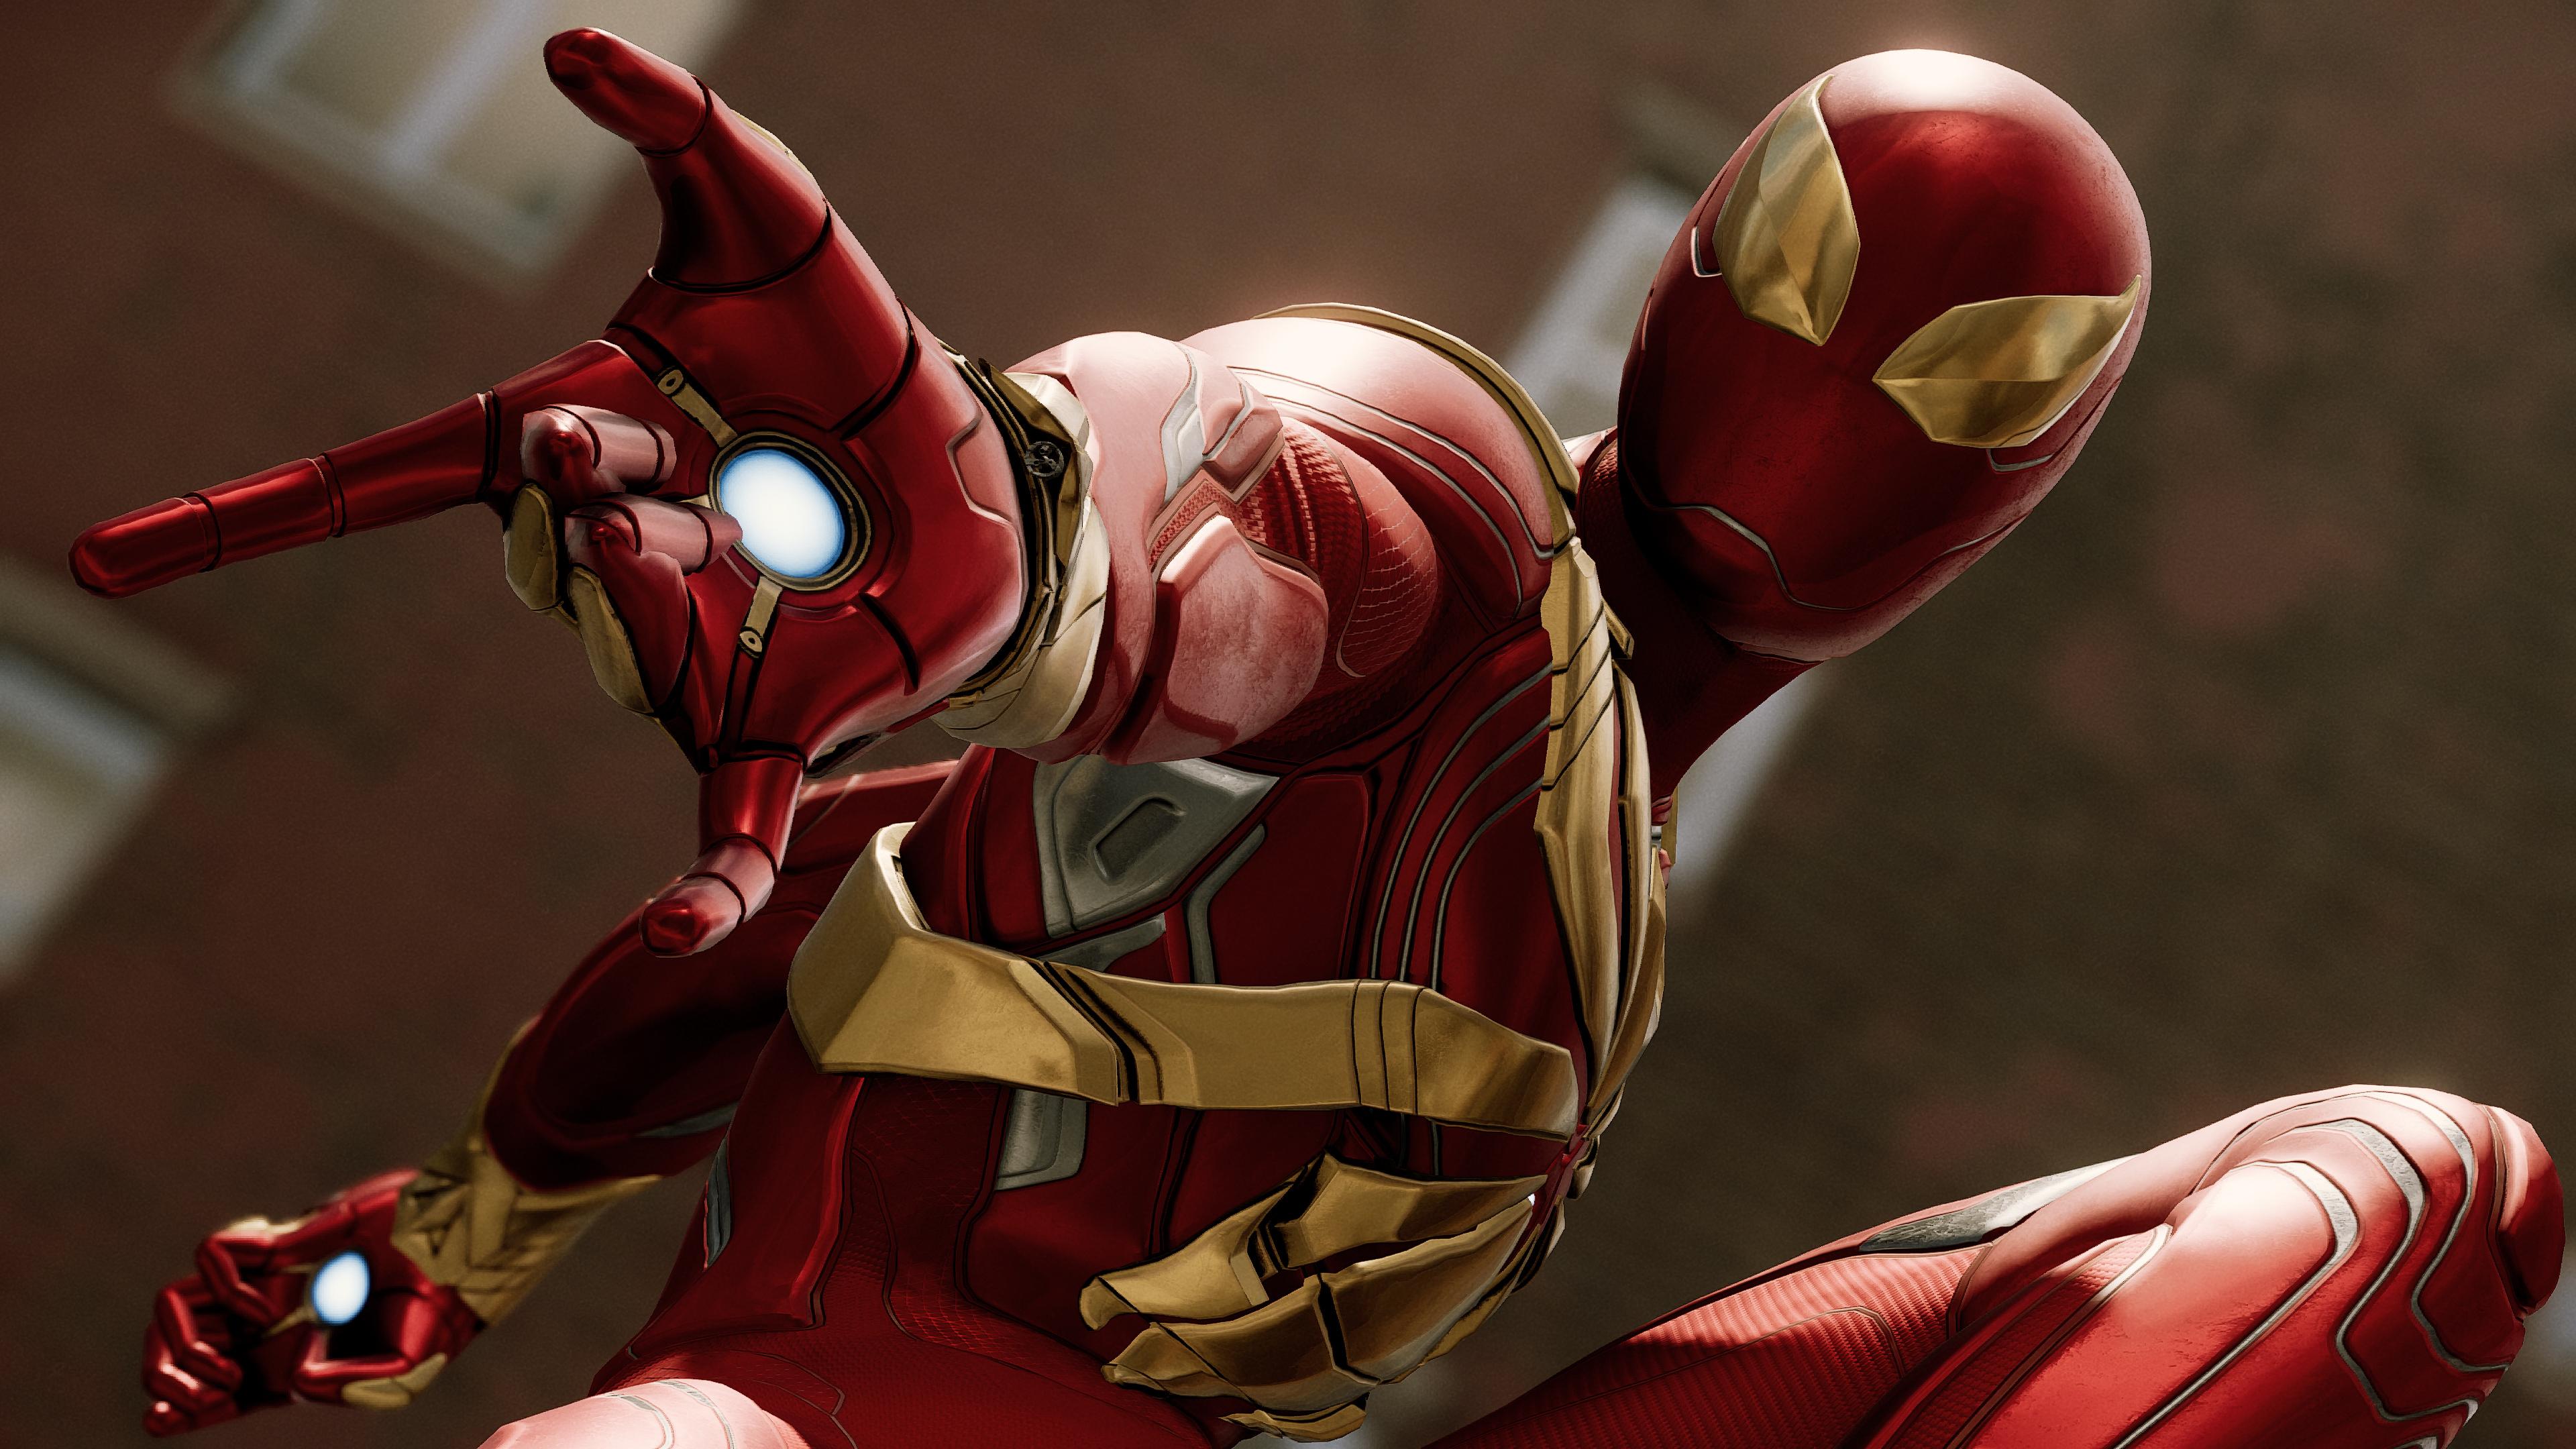 2019 Spiderman 4k, HD Superheroes, 4k Wallpapers, Images ...